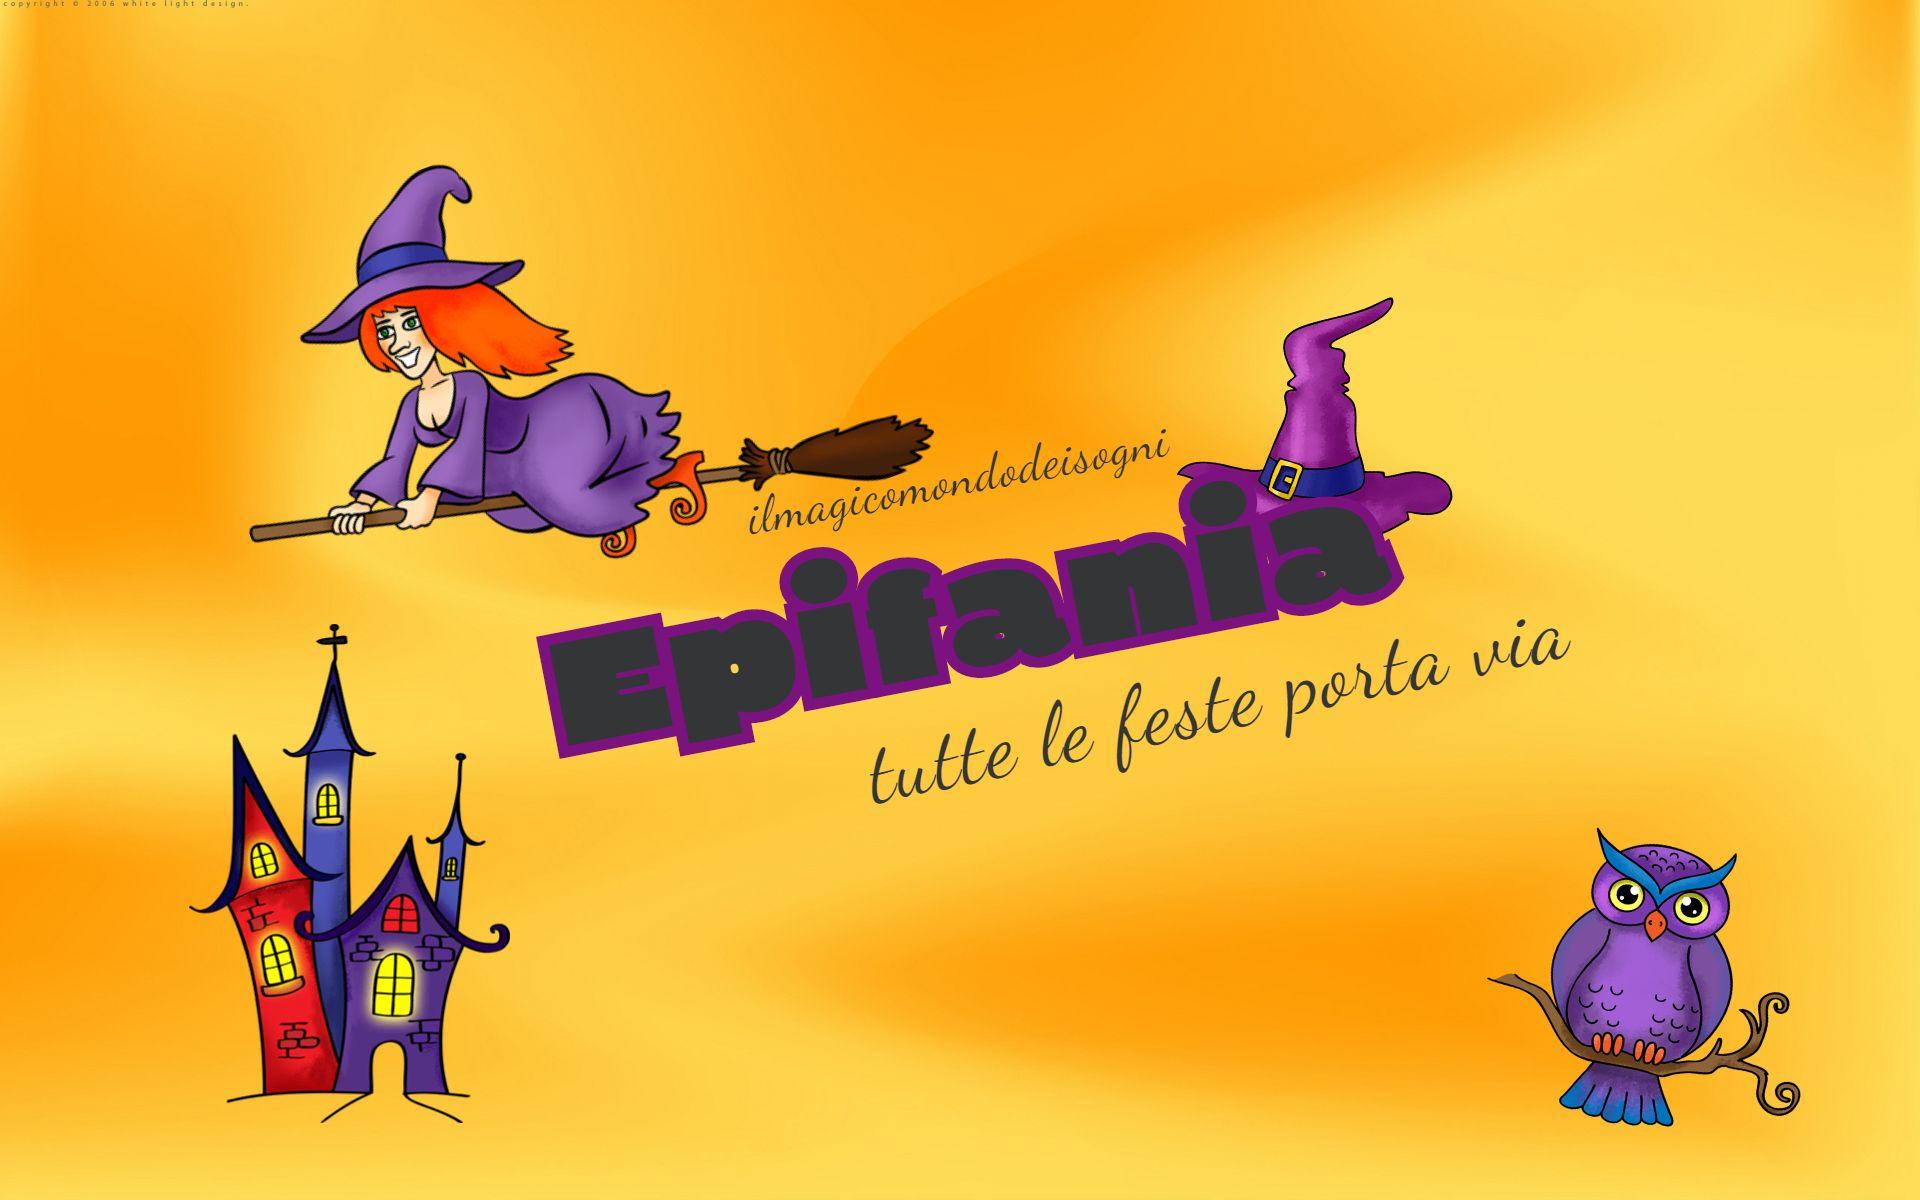 Epifania Tutte Le Feste Porta Via Il Magico Mondo Dei Sogni